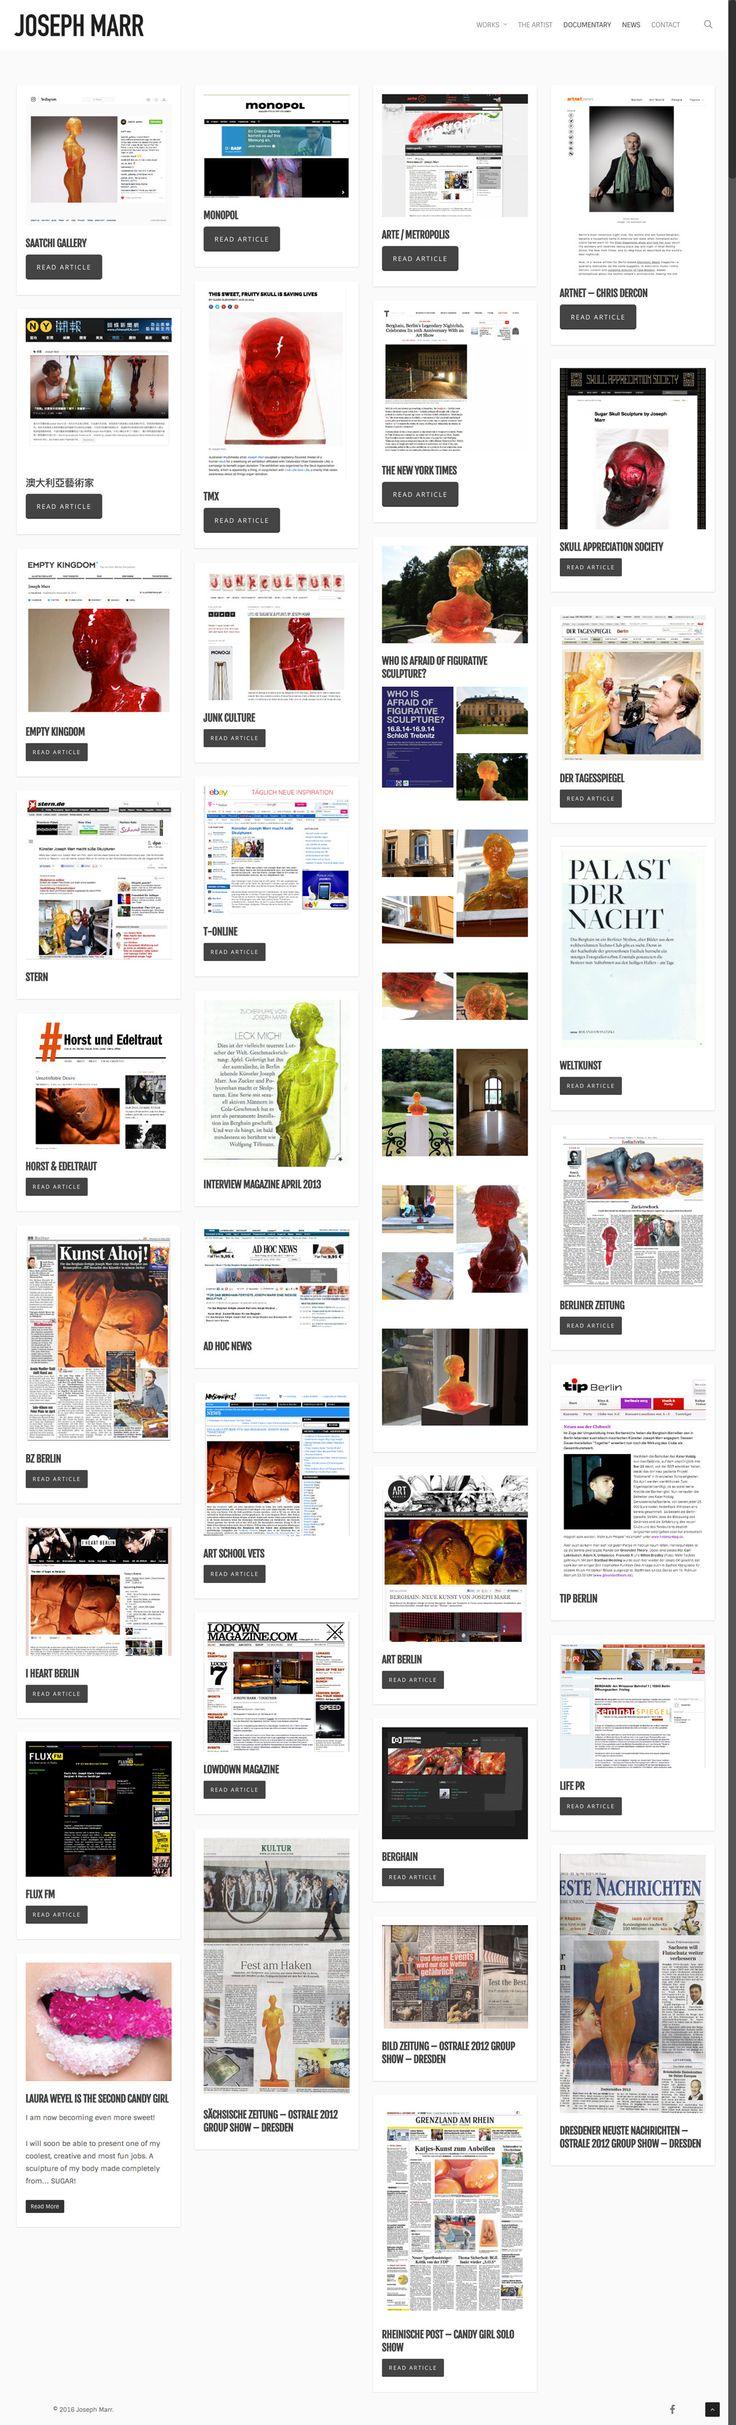 New responsive website design by KORE (http://kore.digital/) for Joseph Marr fine artist, Berlin. Press page. #responsivedesign #webdesign #wordpress